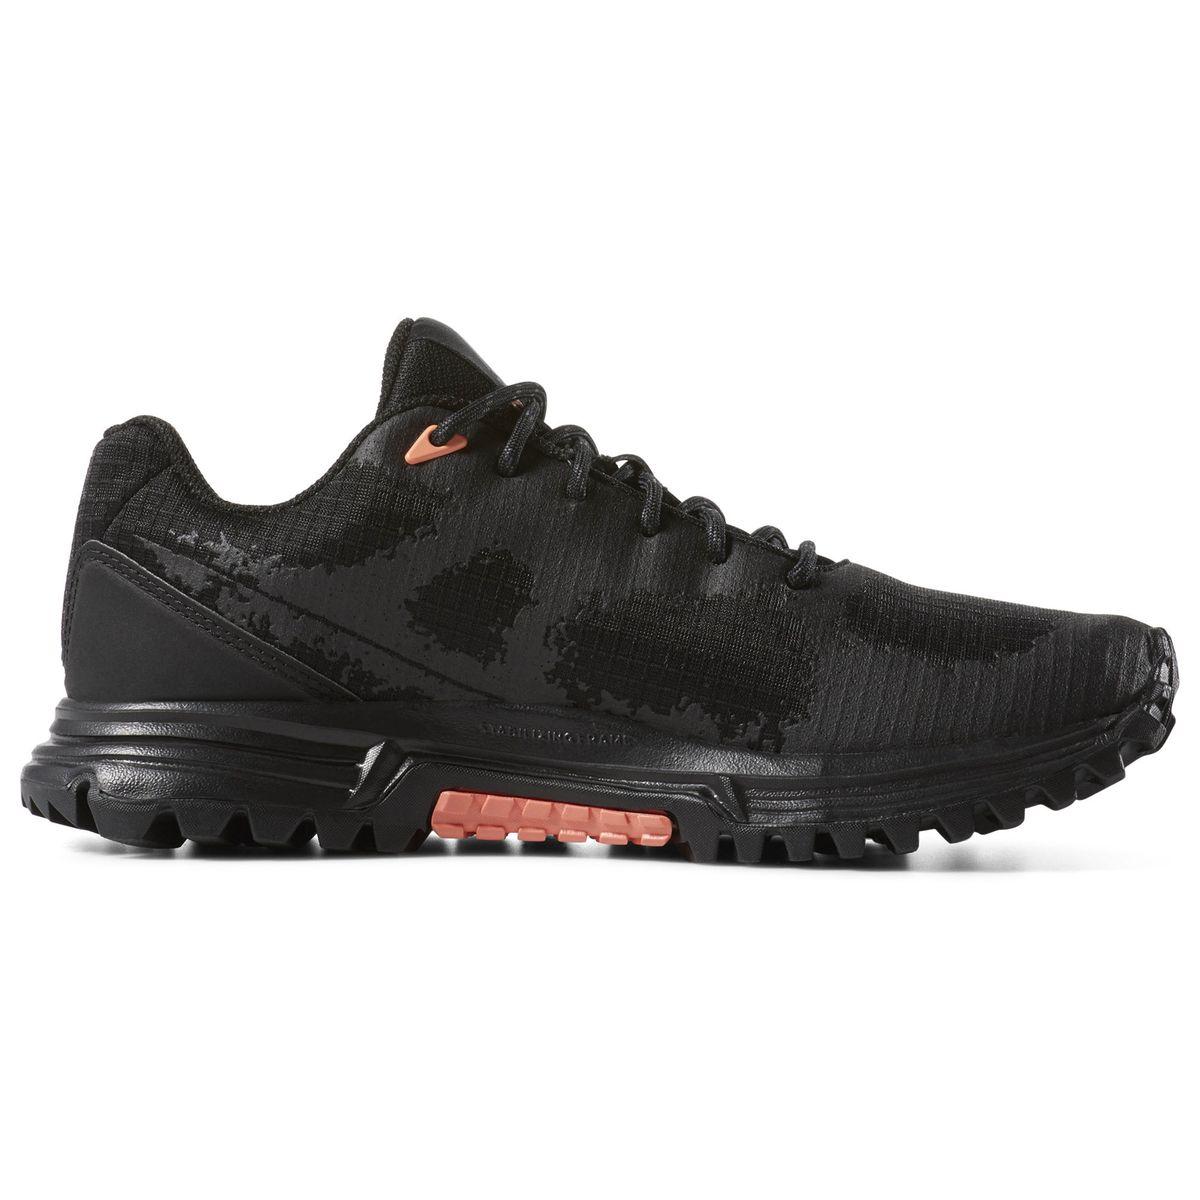 Air max 97 se trainers , white, Nike | La Redoute